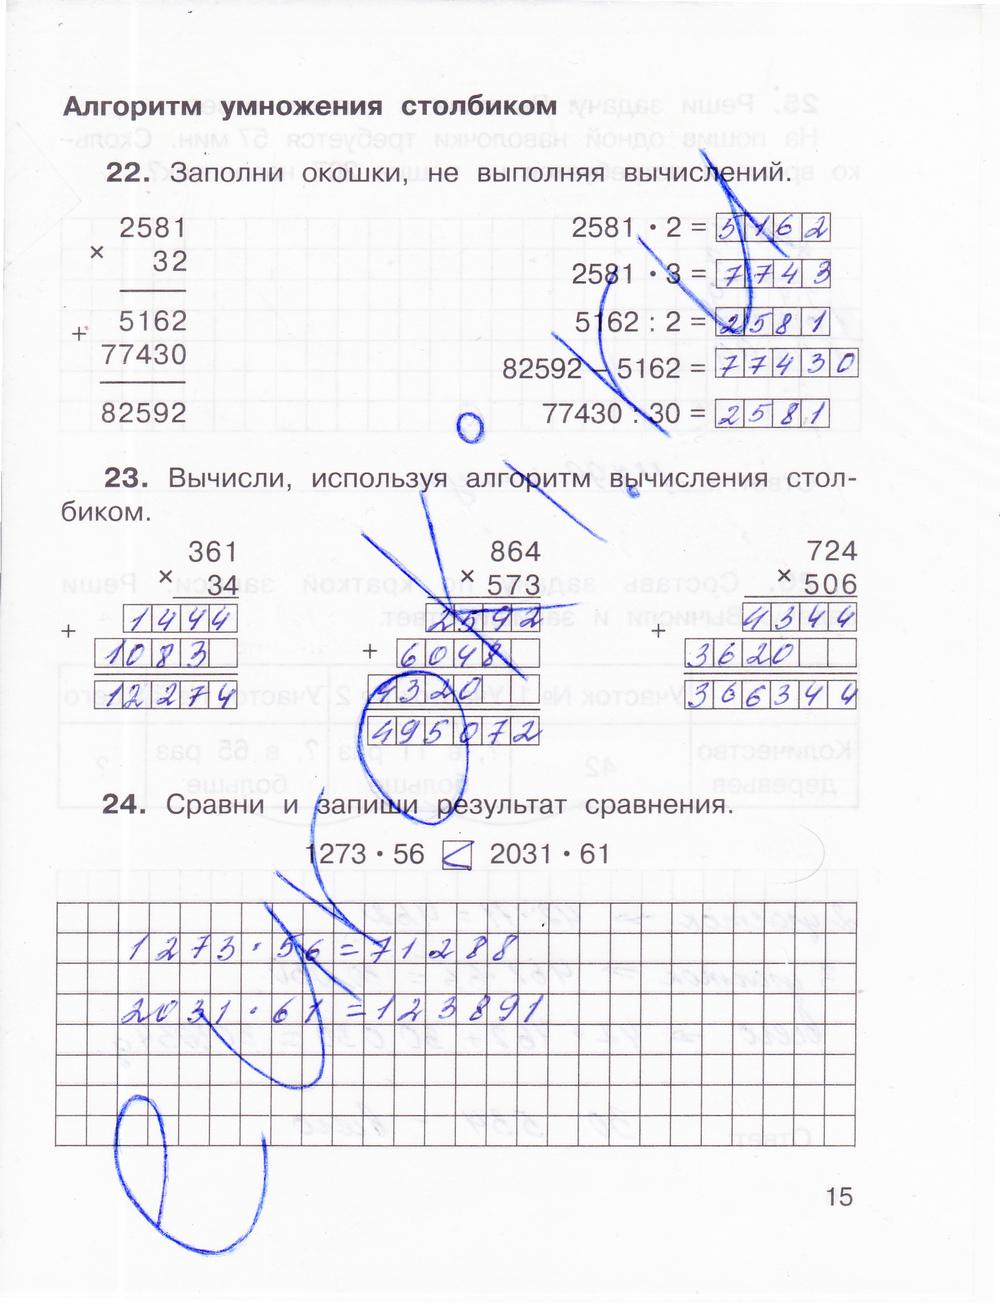 Методическое пособие по математике в практических задачах 3 класс о.а захарова